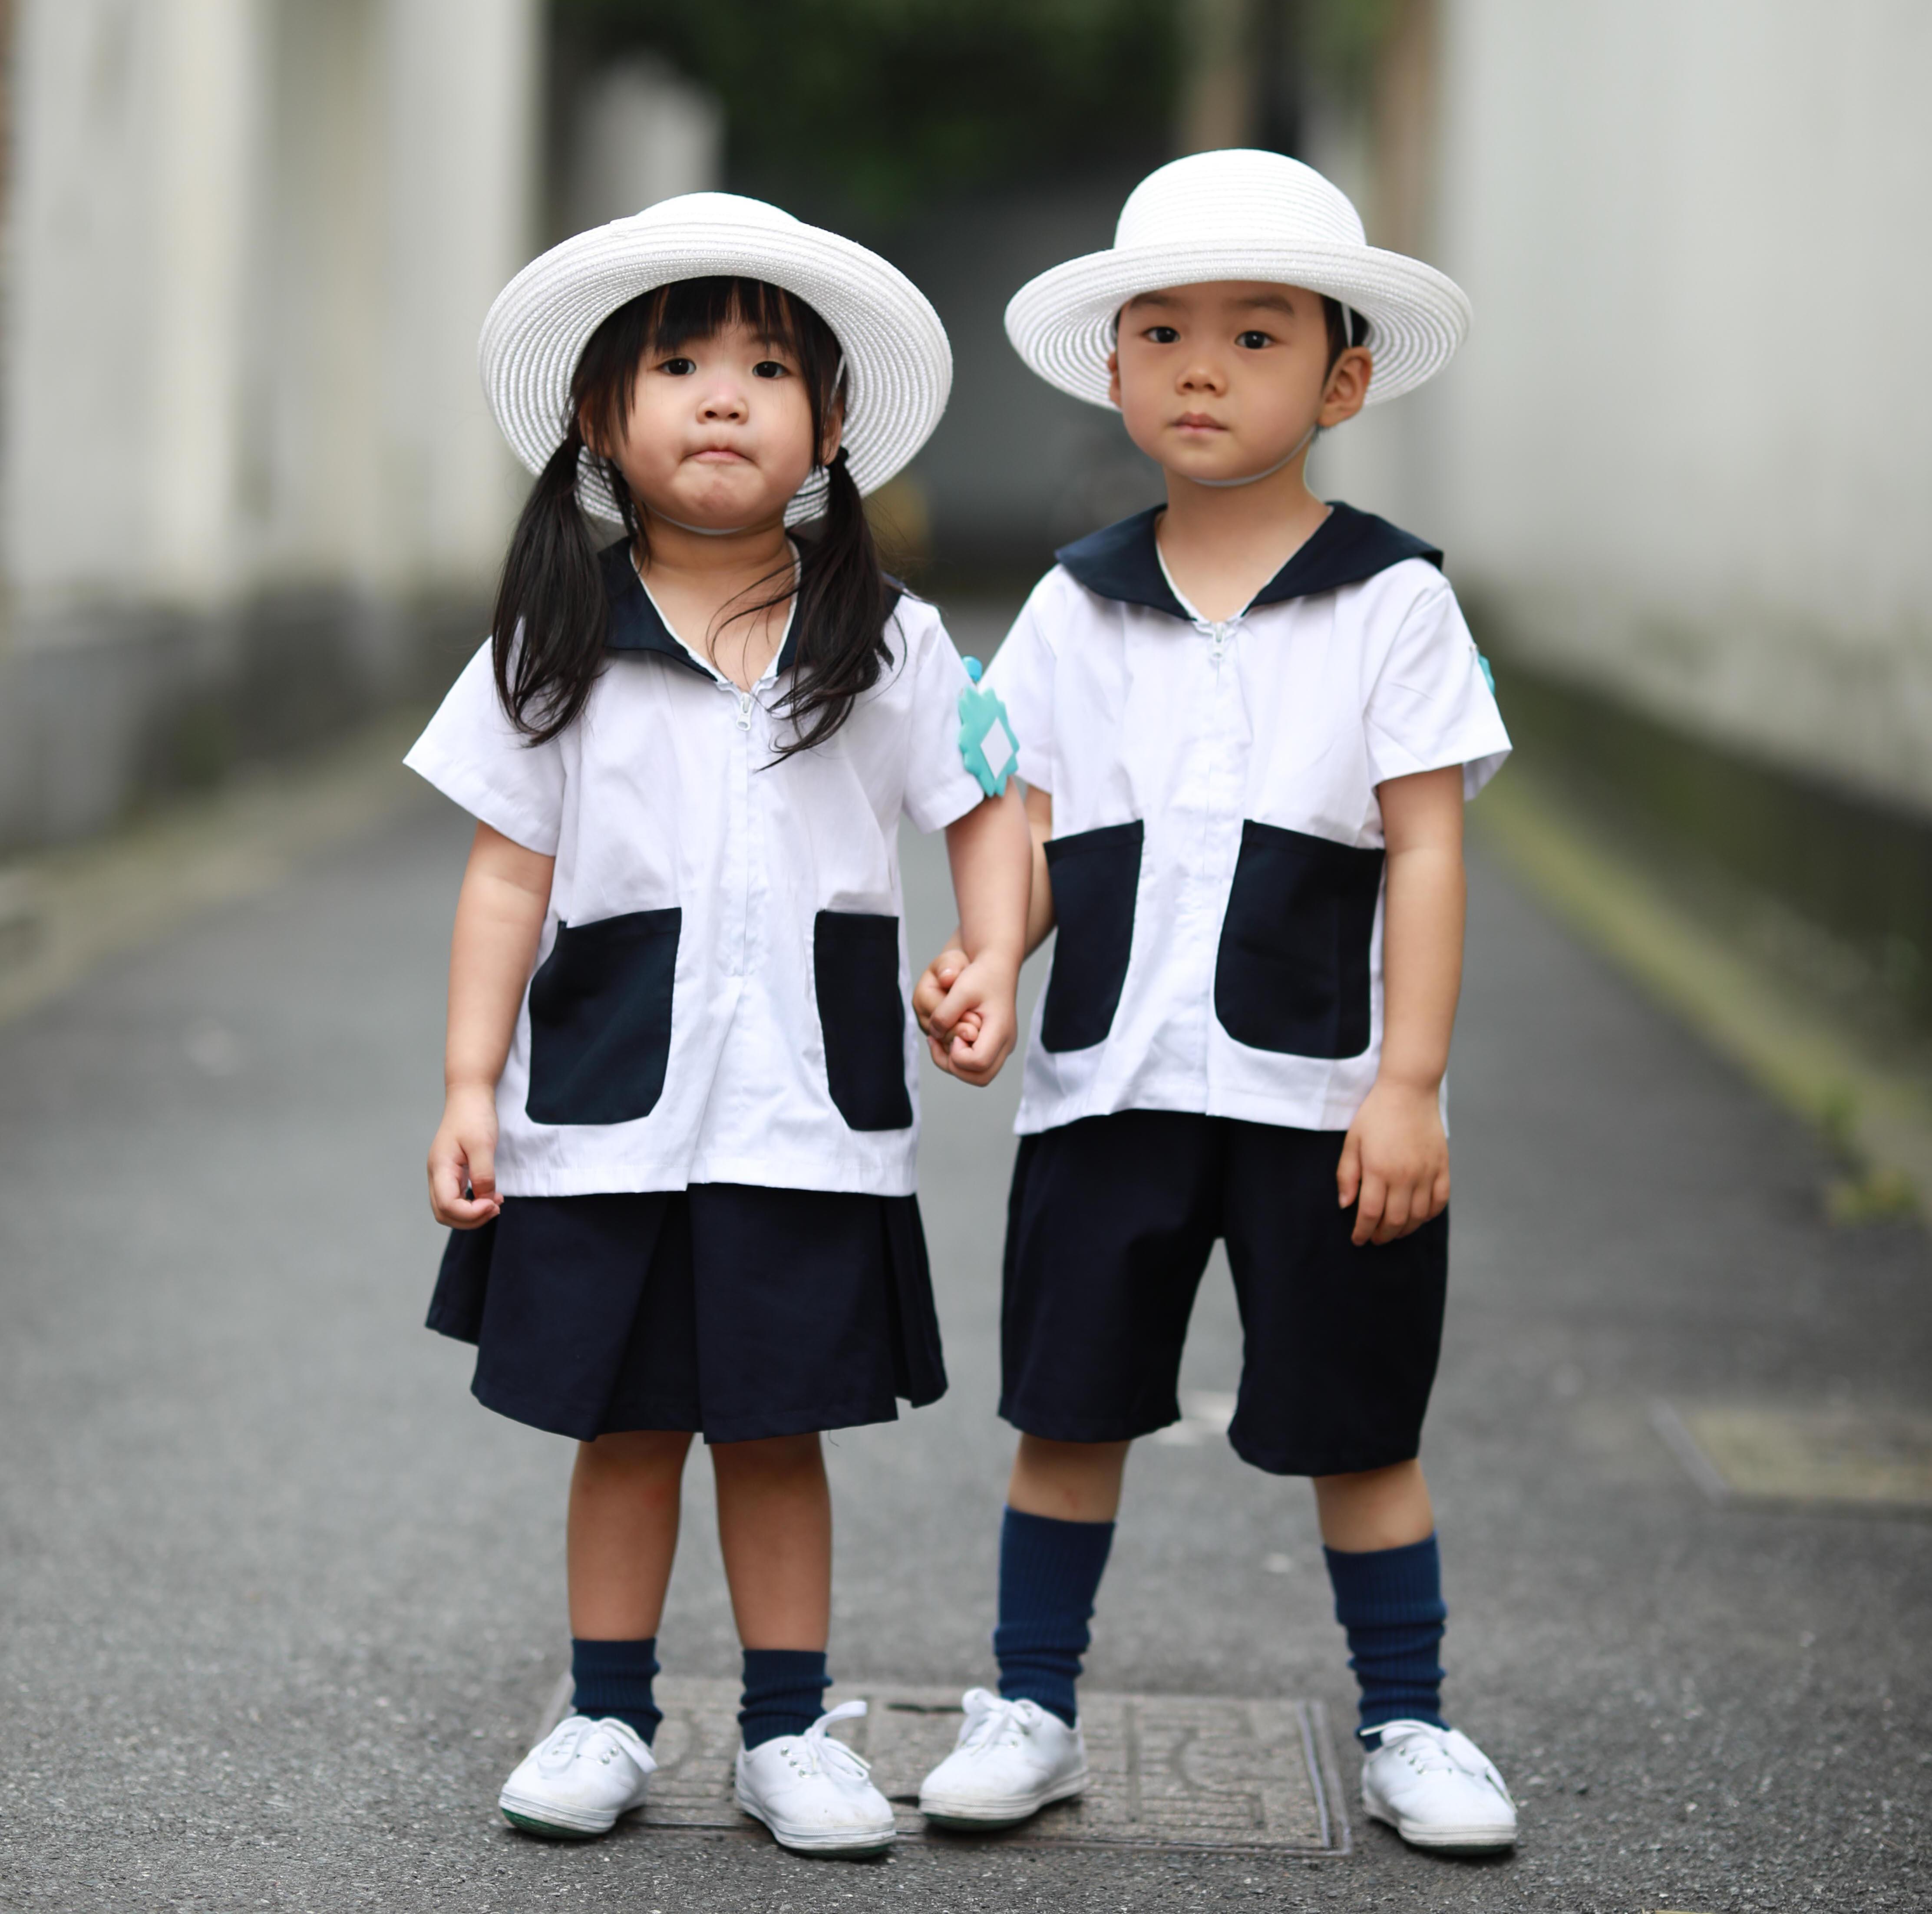 男女儿童JK童装校服 夏服衬衫 日本可爱班服园服幼稚园婴儿亲子